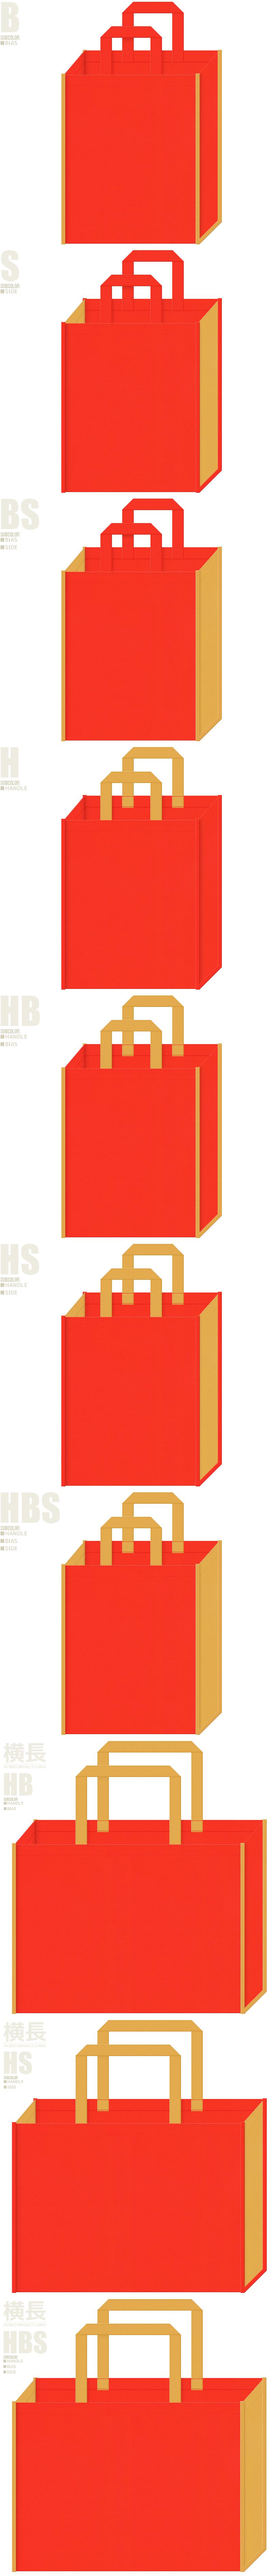 木製玩具・絵本・レシピ・フライヤー・オニオンスープ・ランチバッグにお奨めの不織布バッグデザイン:オレンジ色と黄土色の配色7パターン